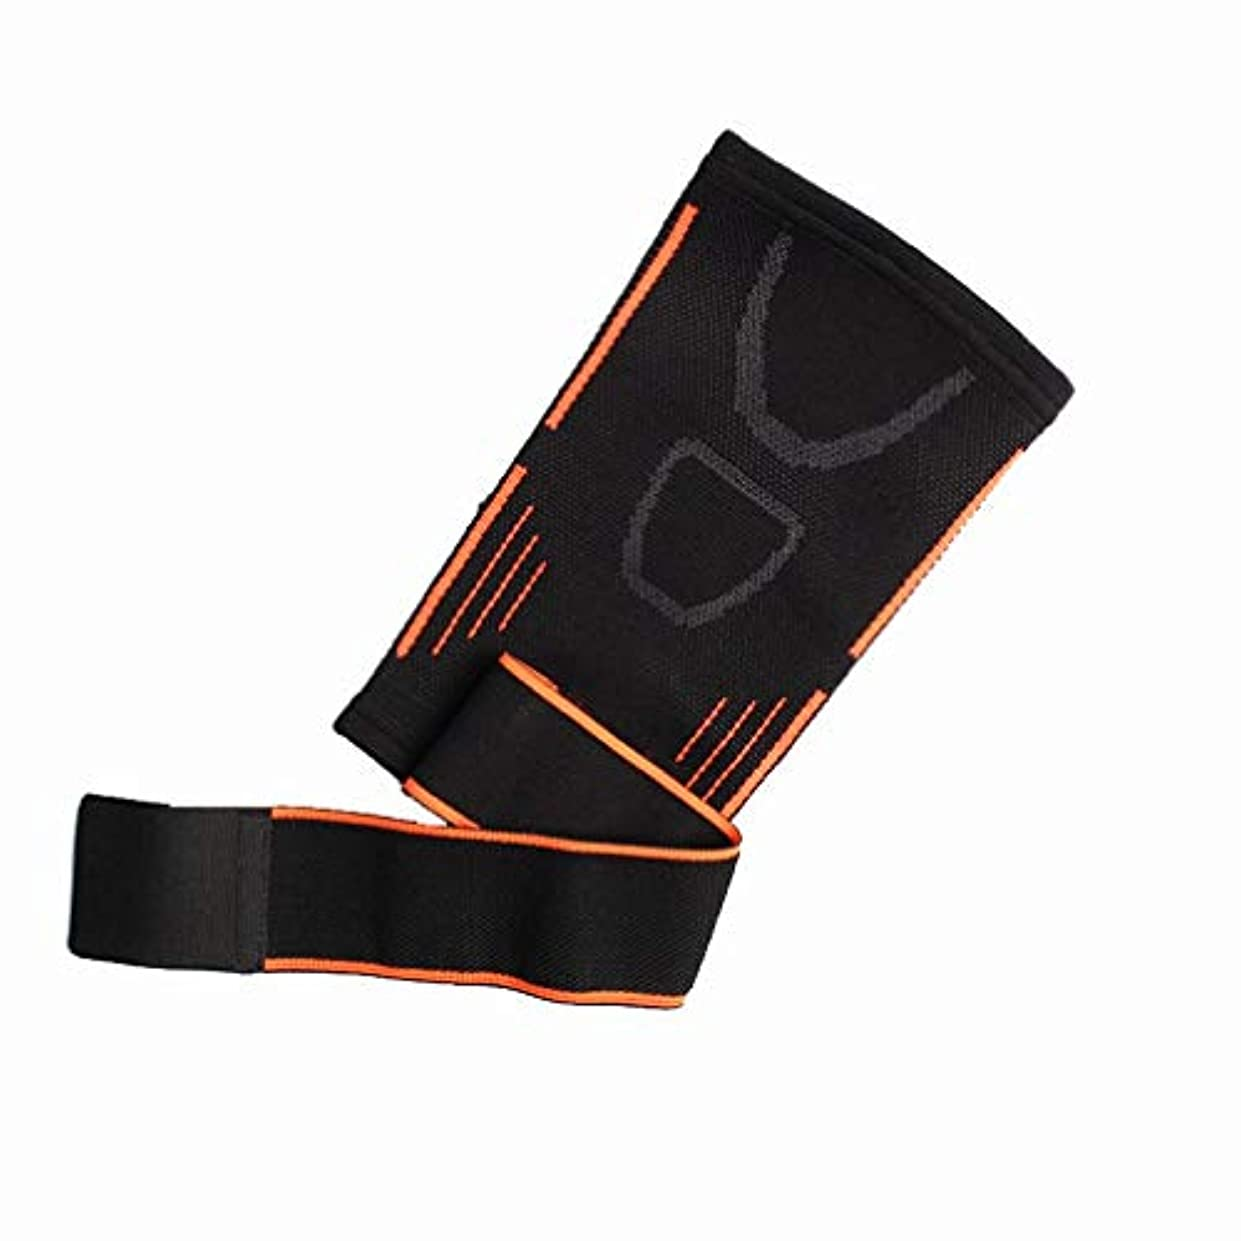 ローン簿記係古い屋外スポーツ圧縮肘ニット肘テニス肘サポート肘ガード-Rustle666